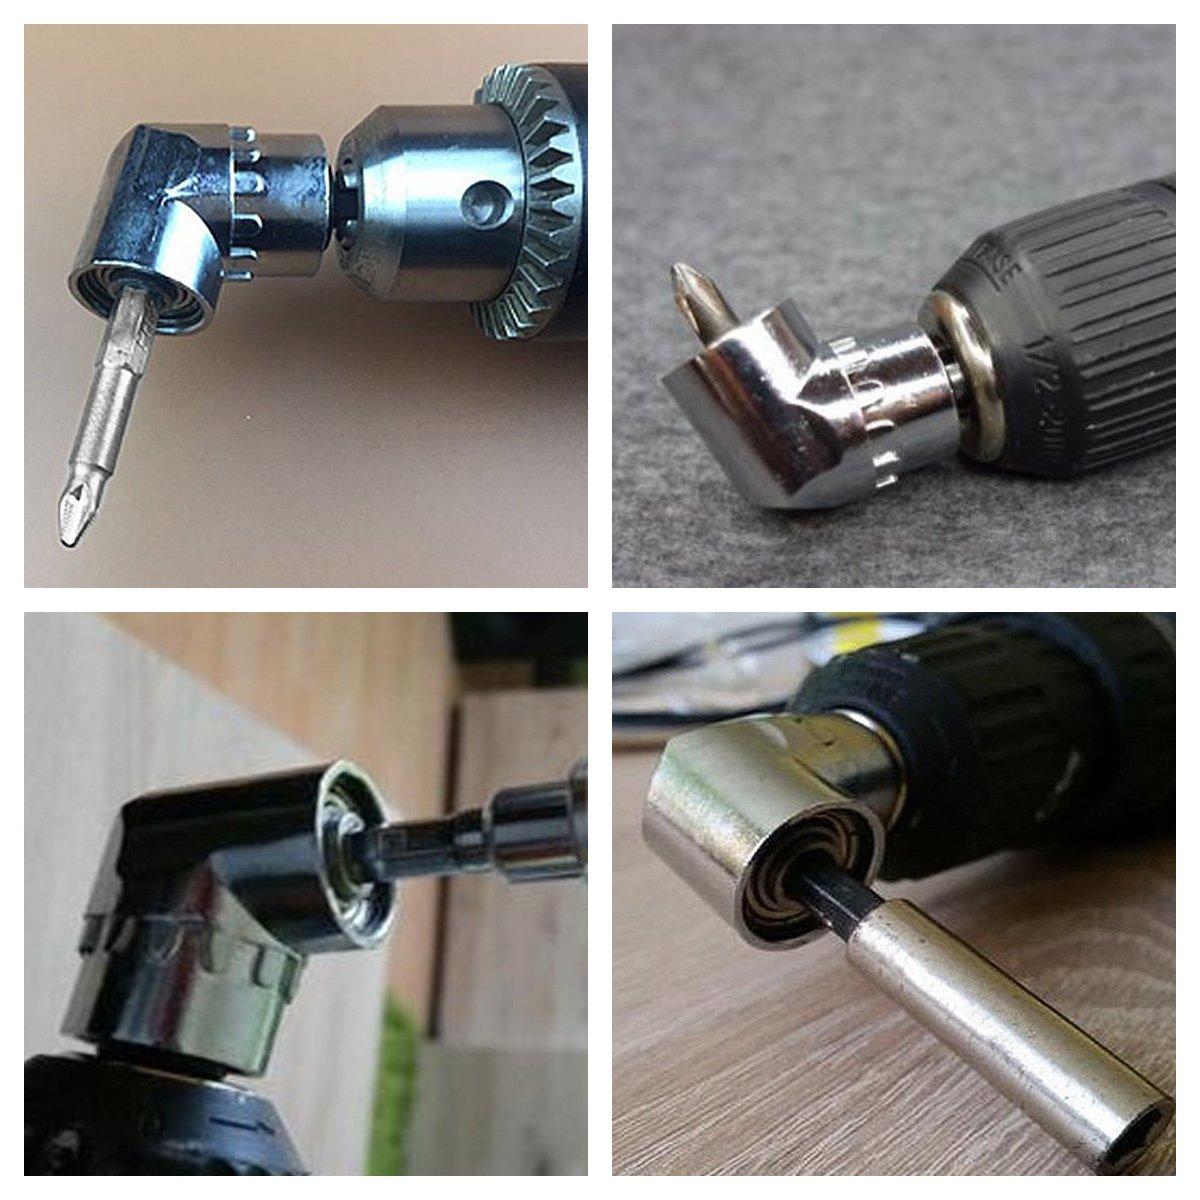 inch Perceuse Camtek 2 Pi/èce Perceuses /à Angle Droit Adaptateur coud/é Pilote et Tournevis Drill Attachment Avec Porte-Embout Magn/étique Changement Rapide Hex 6mm de 1//4